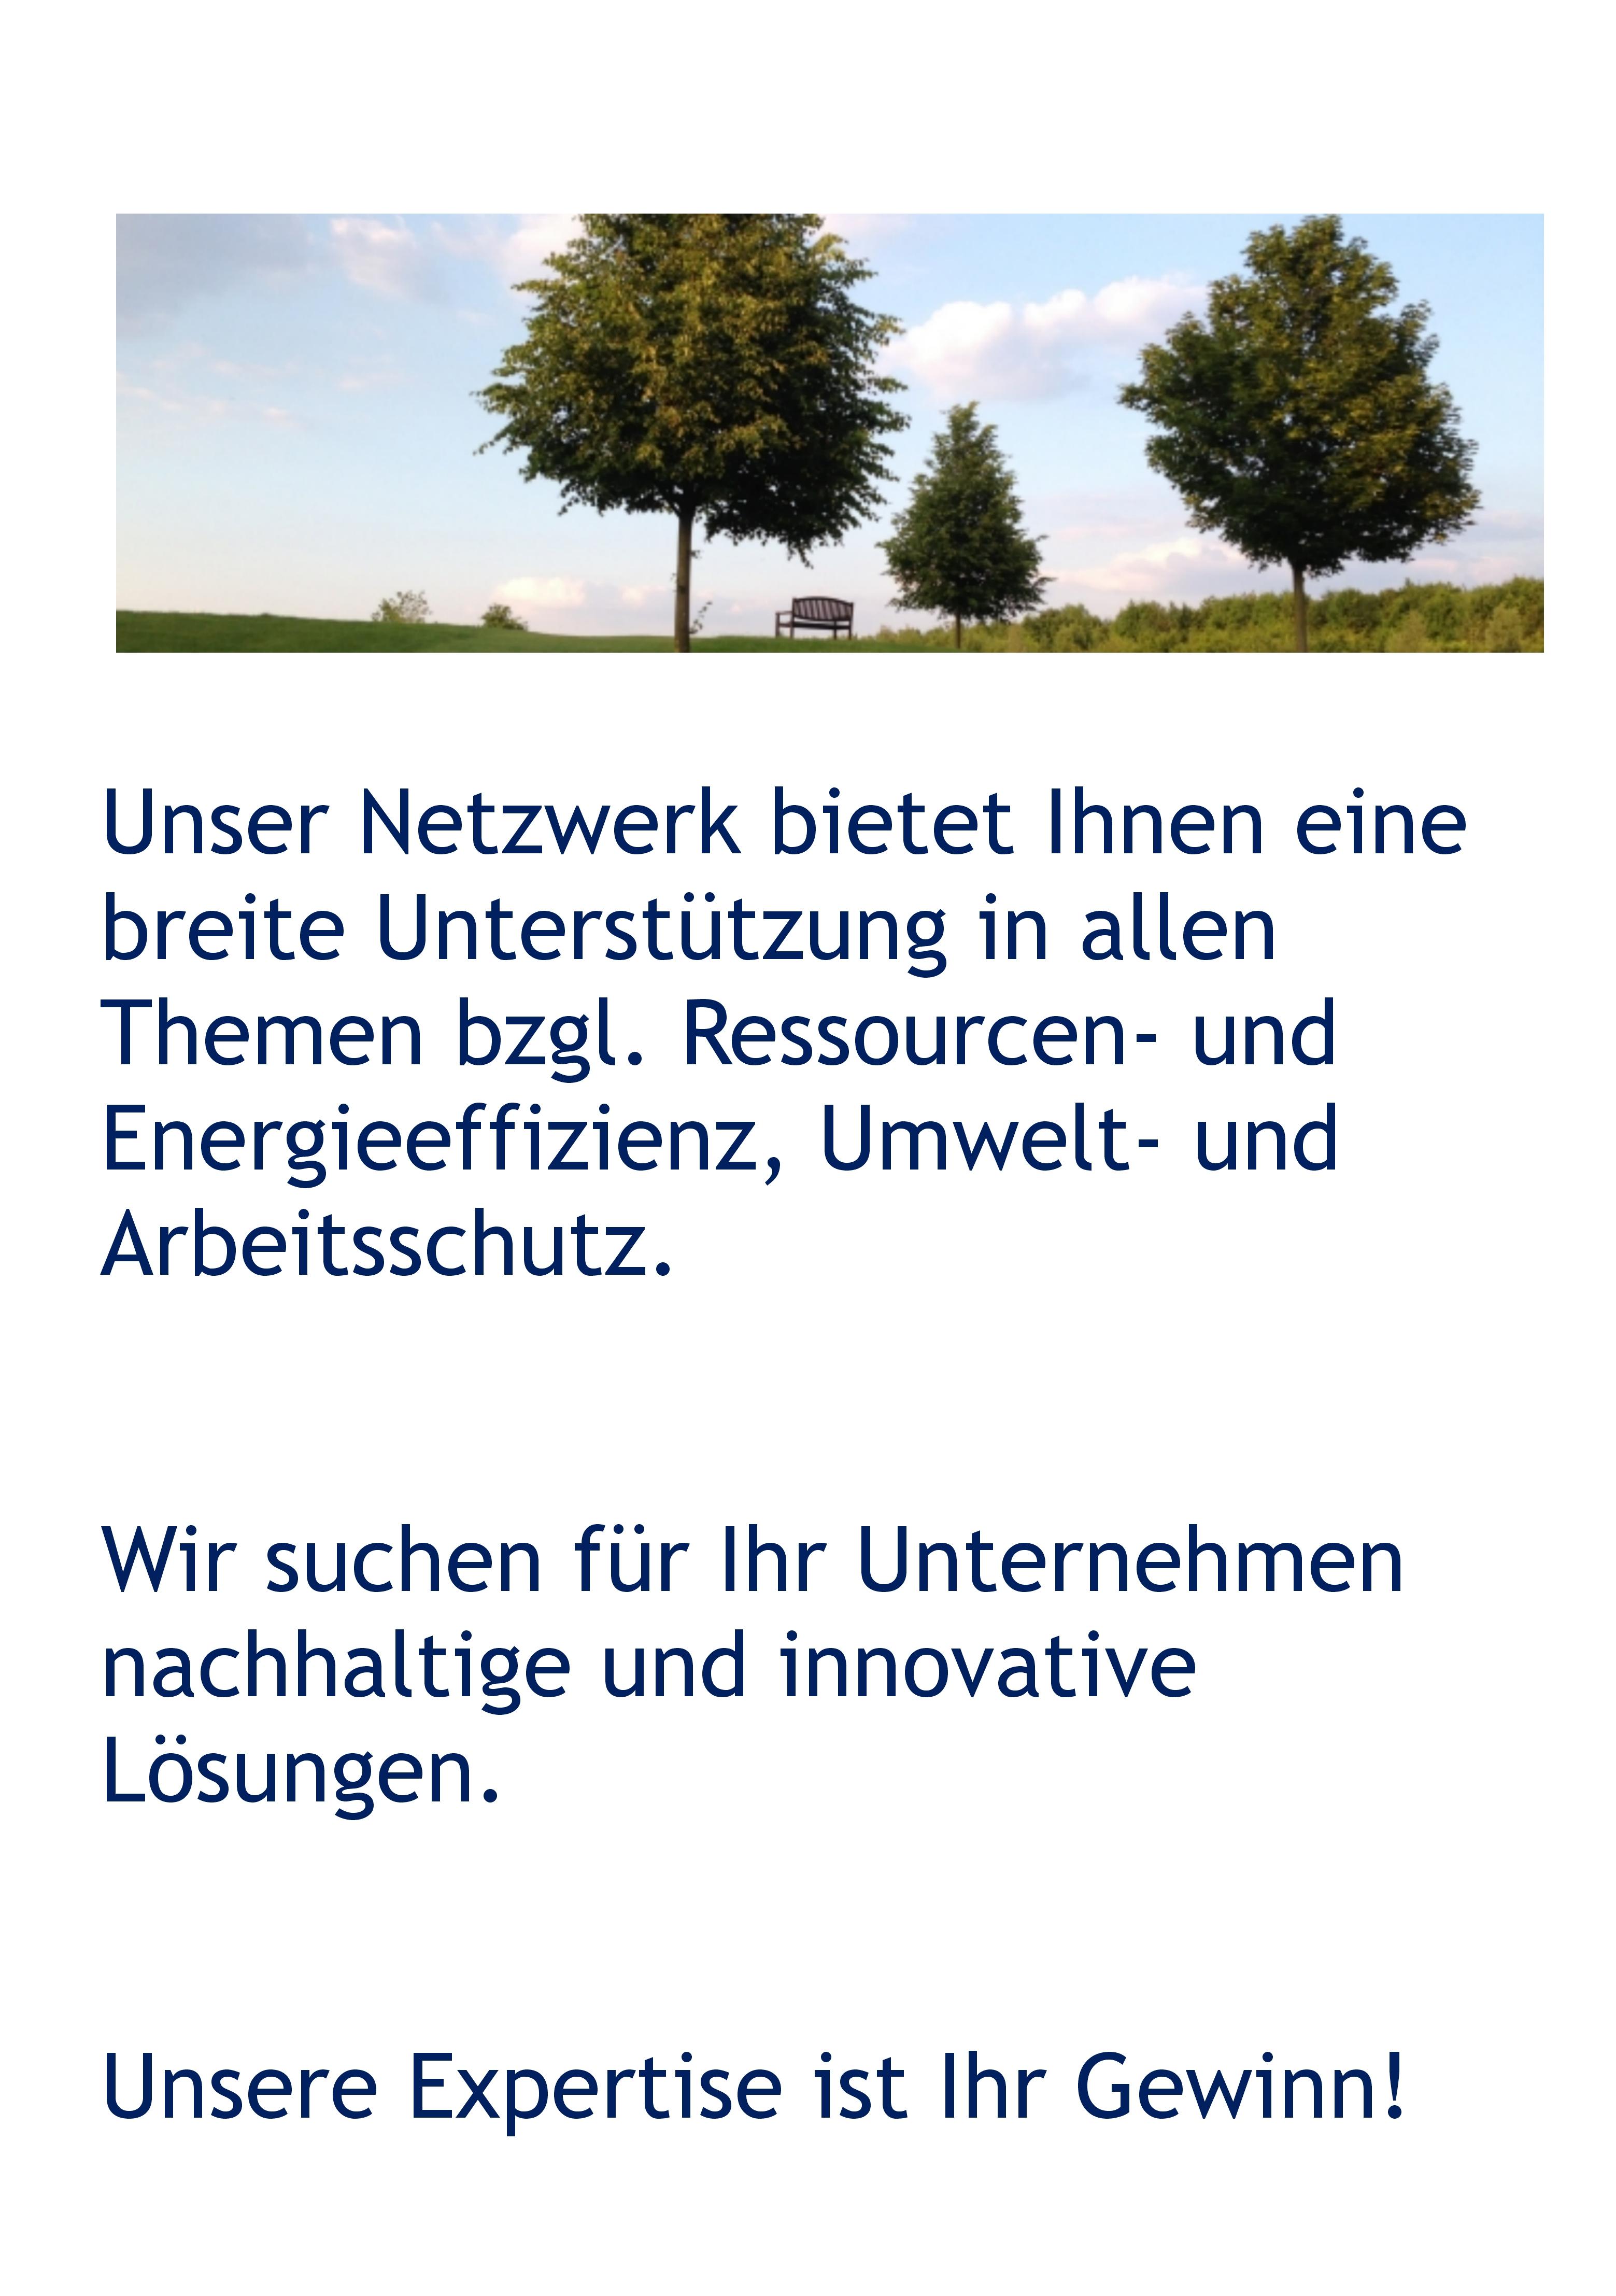 http://www.enviro-net.de/wp-content/uploads/2015/11/Widget_Start_neu-1.jpg